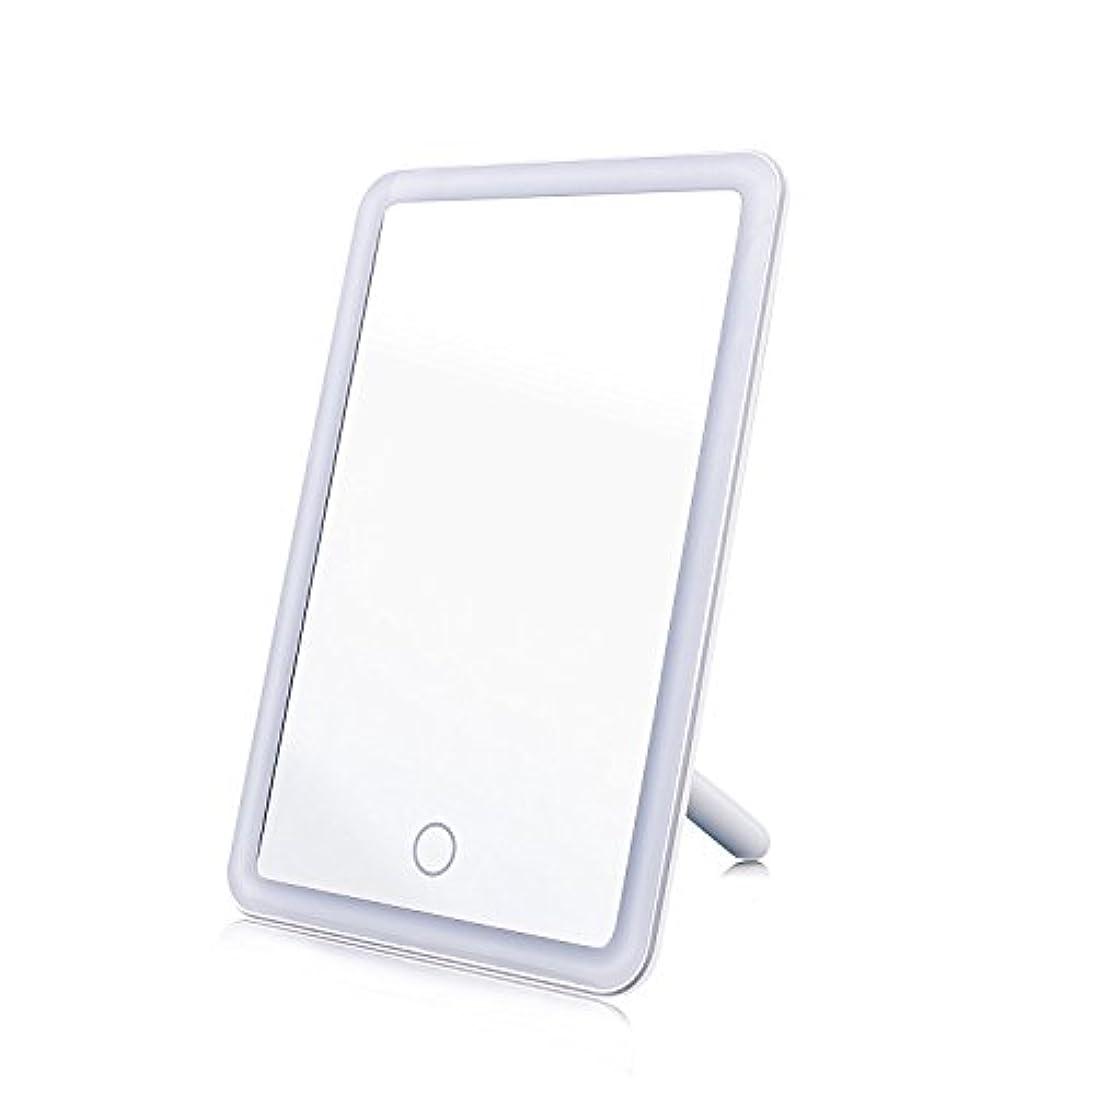 ビールパイプ適合する化粧鏡 女優ミラー MAVIE 鏡 LEDライト付き タッチスクリーン 明るさ調節可 USB給電 角度180度調節可能 卓上スタンドミラー プレゼント 寝室 テーブルで置ける